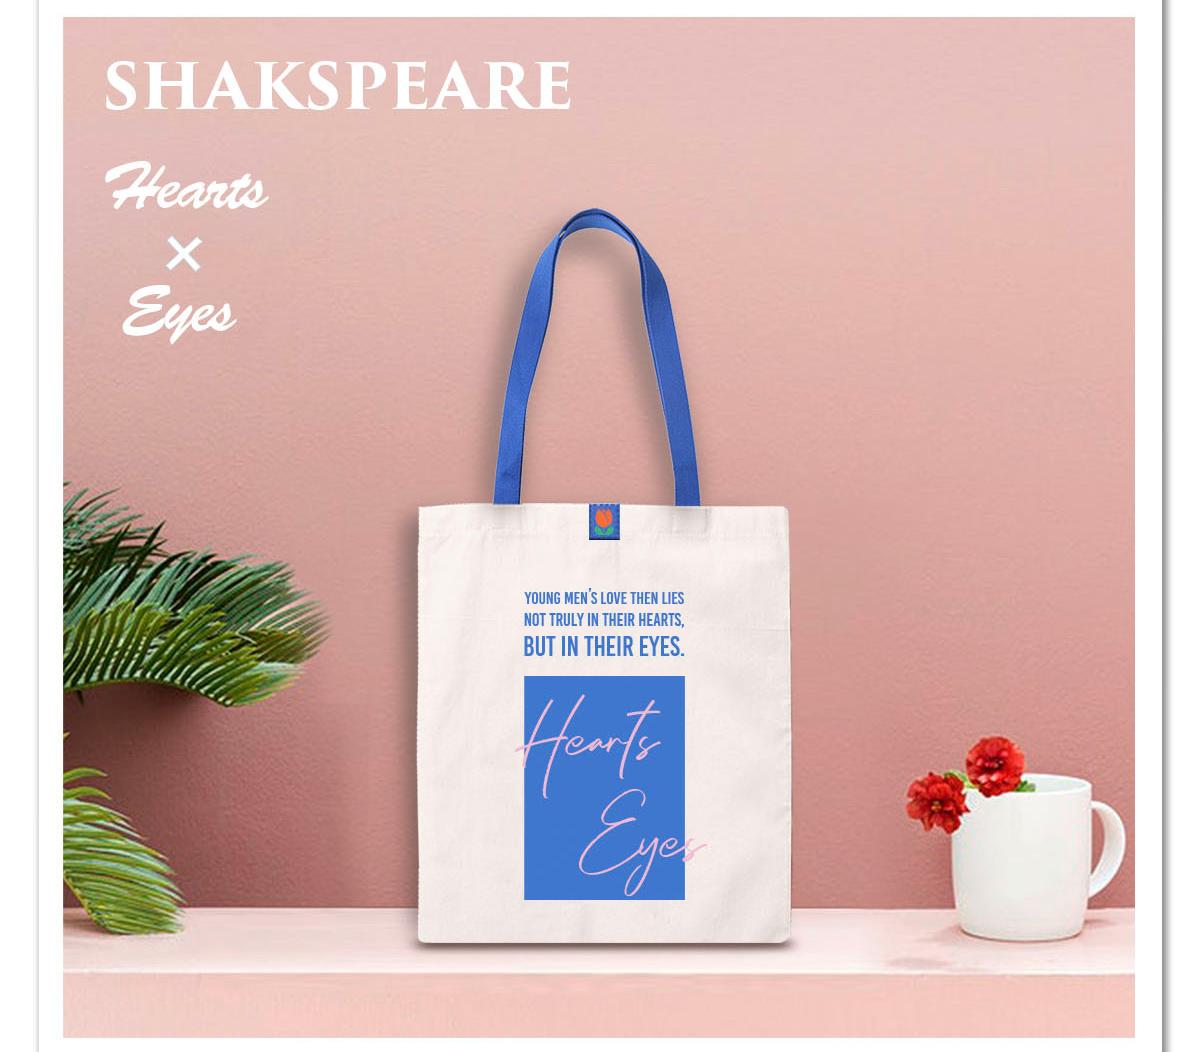 莎士比亚详情页_11.jpg